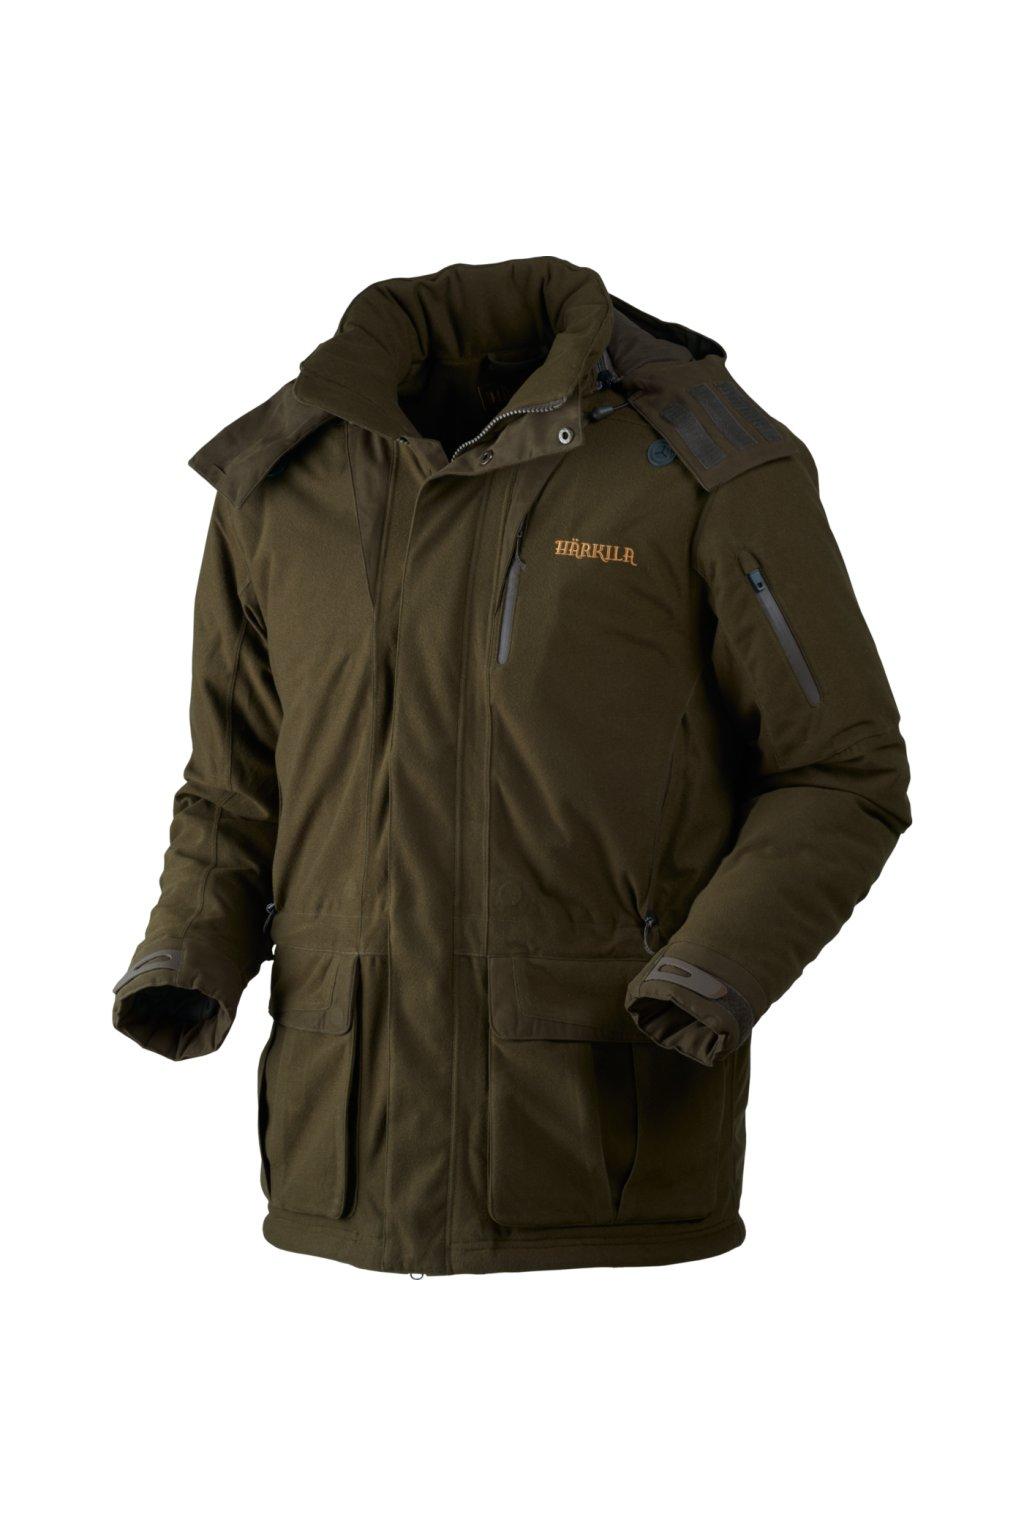 HÄRKILA - Norfell bunda pánská zimní